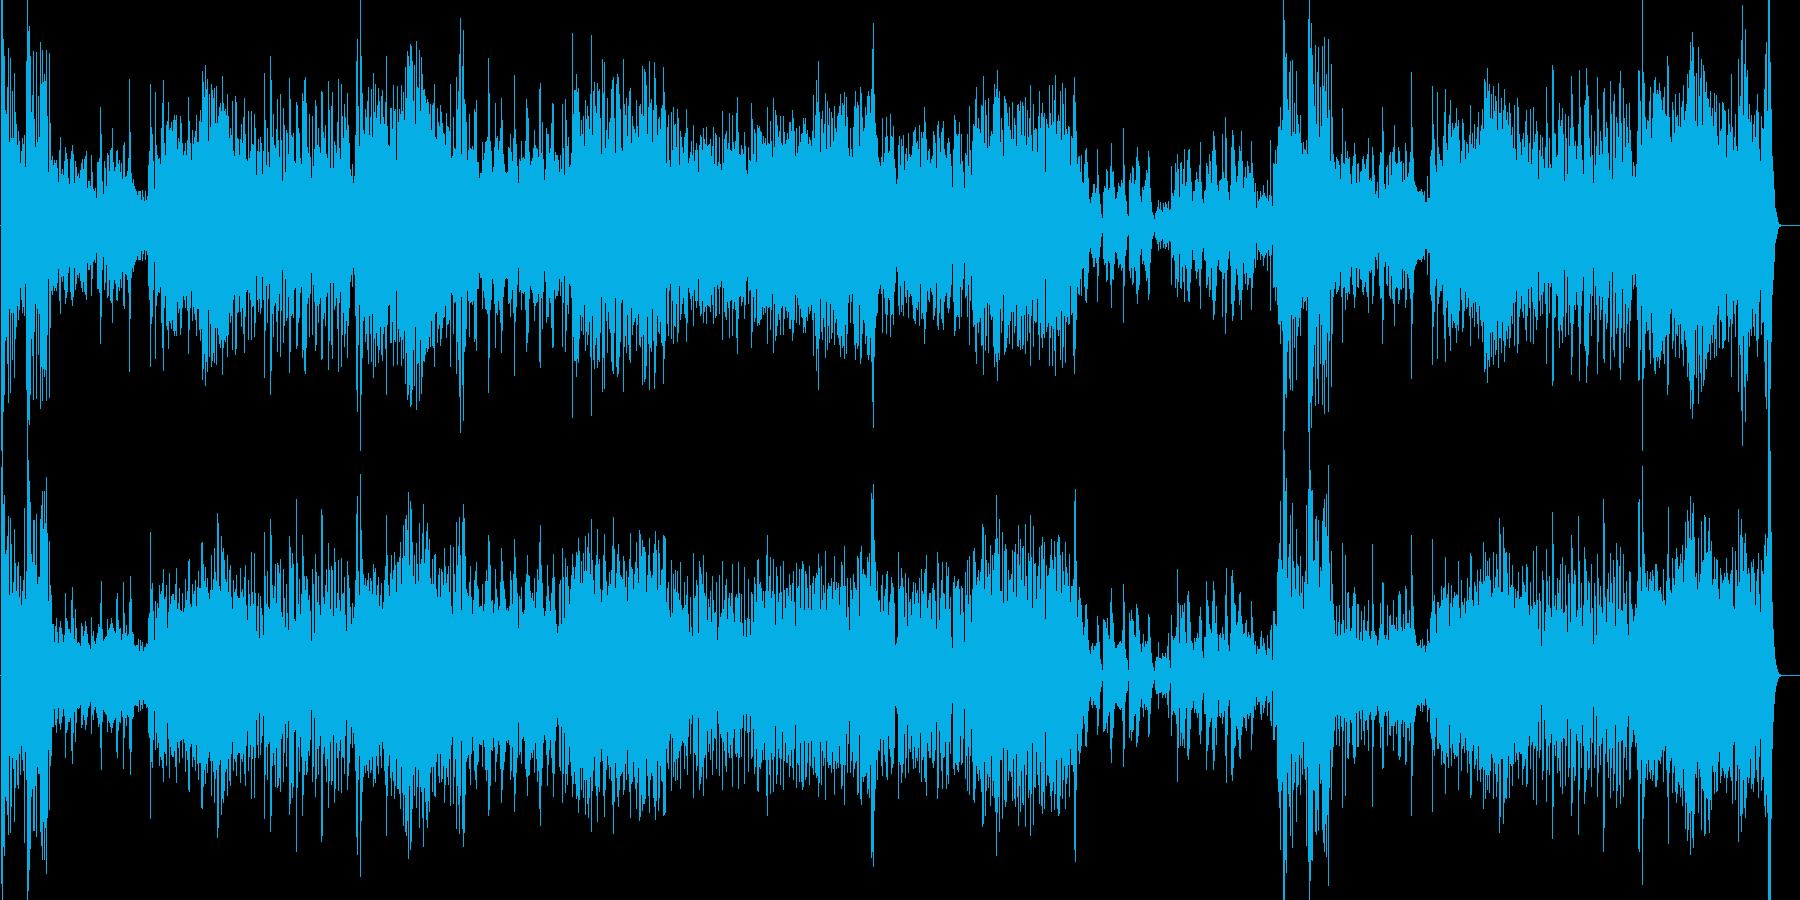 子供向けのほのぼのとしてコミカルなBGMの再生済みの波形